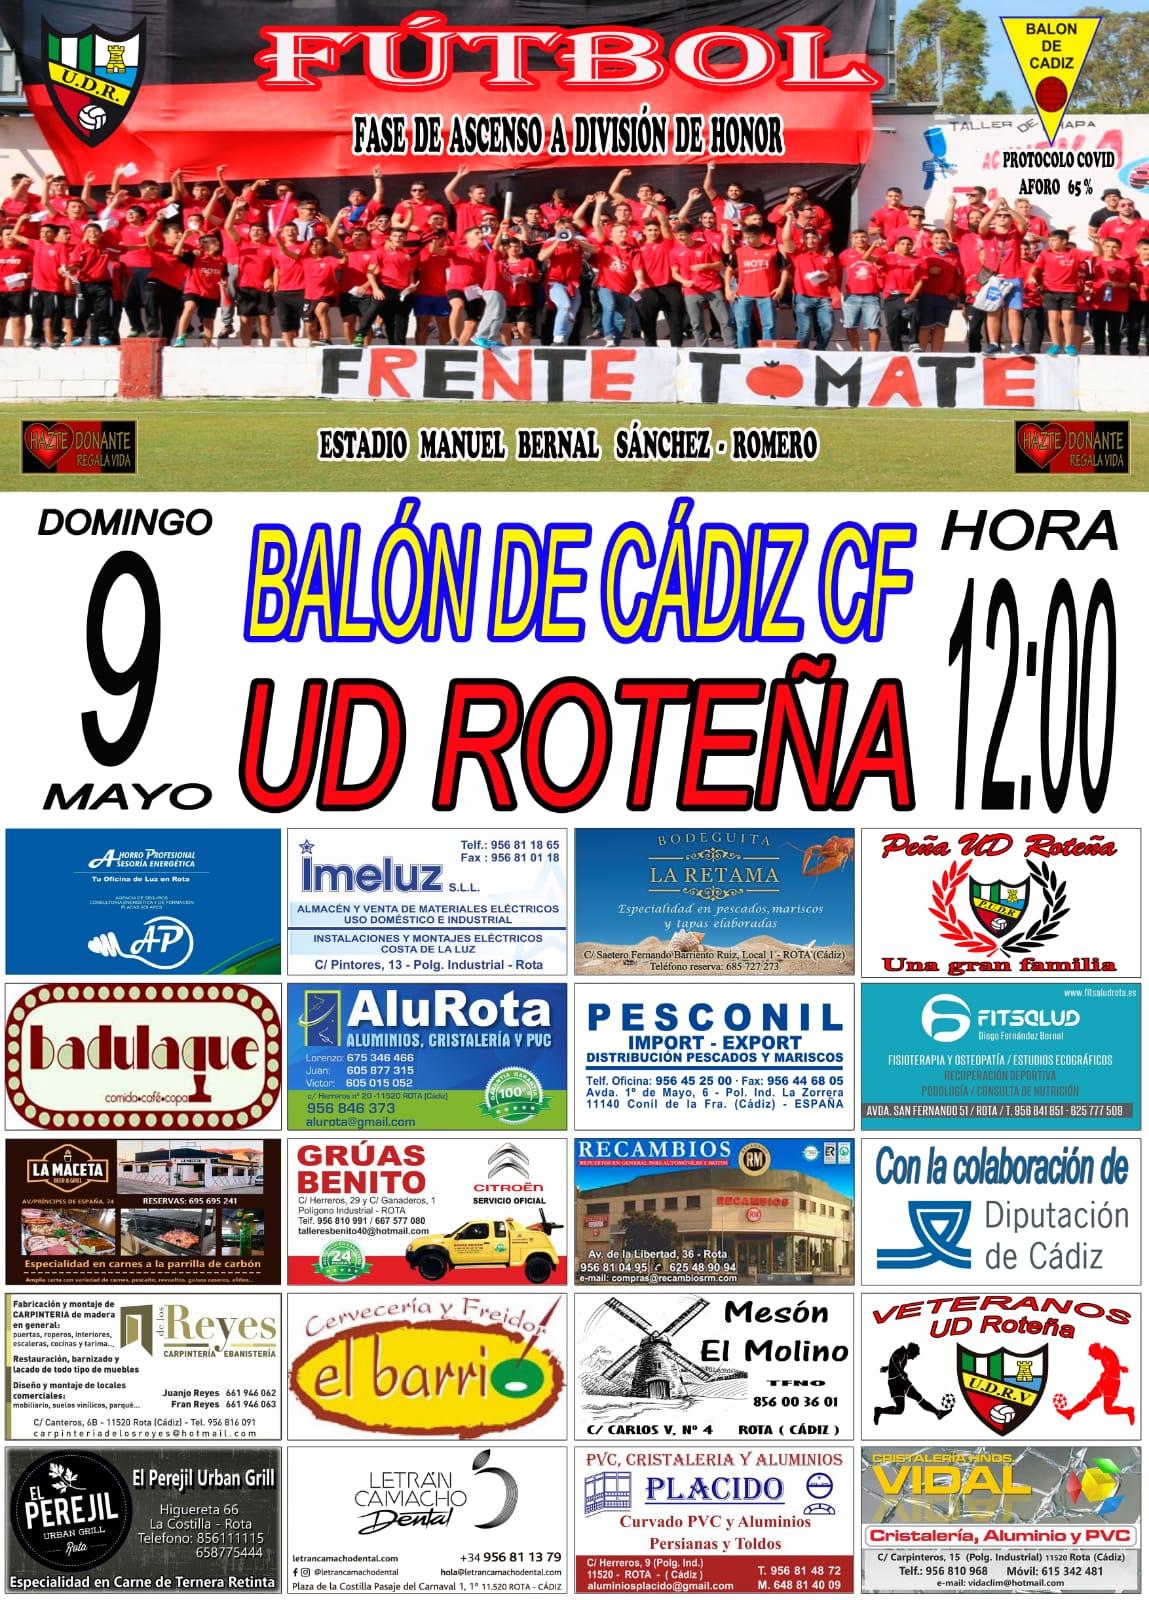 UD Roteña - Balón de Cádiz